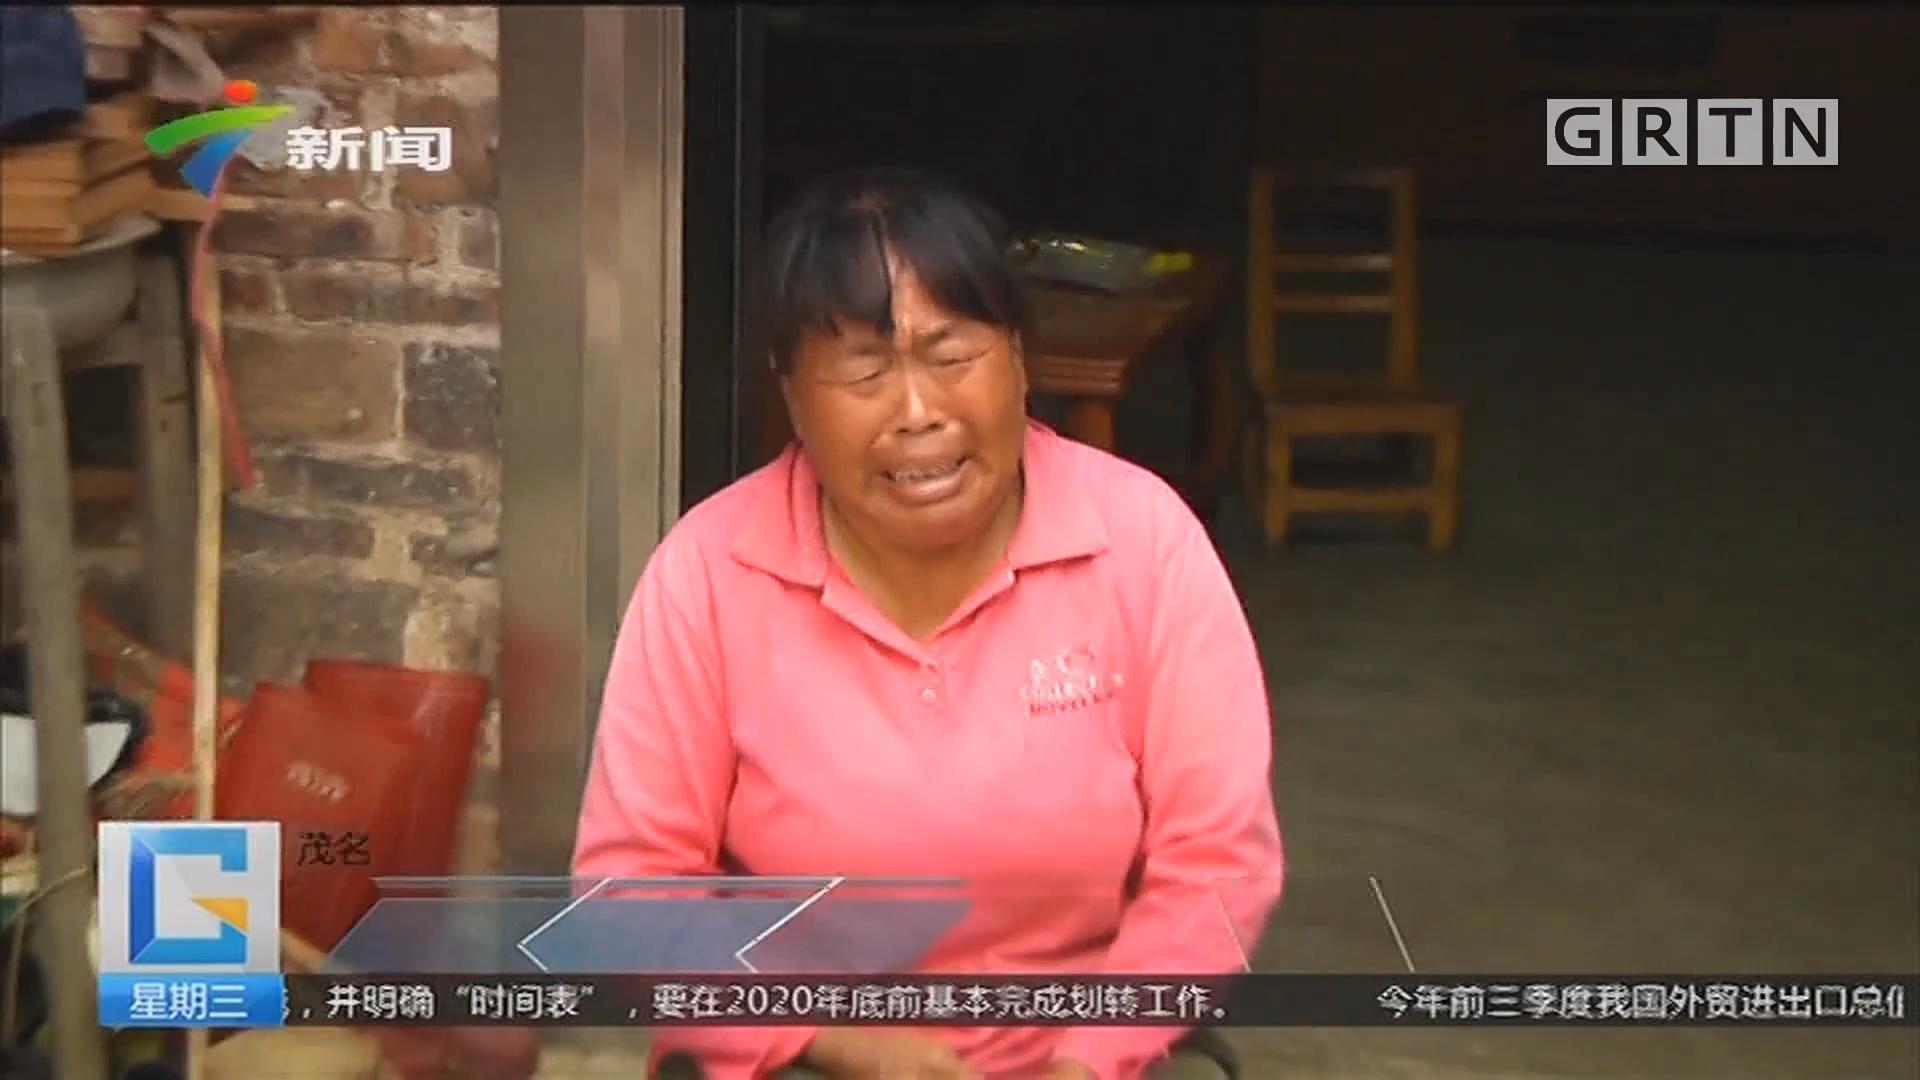 """茂名信宜:沉迷""""扫扫身边的人""""女子疑被拐走 警方介入"""